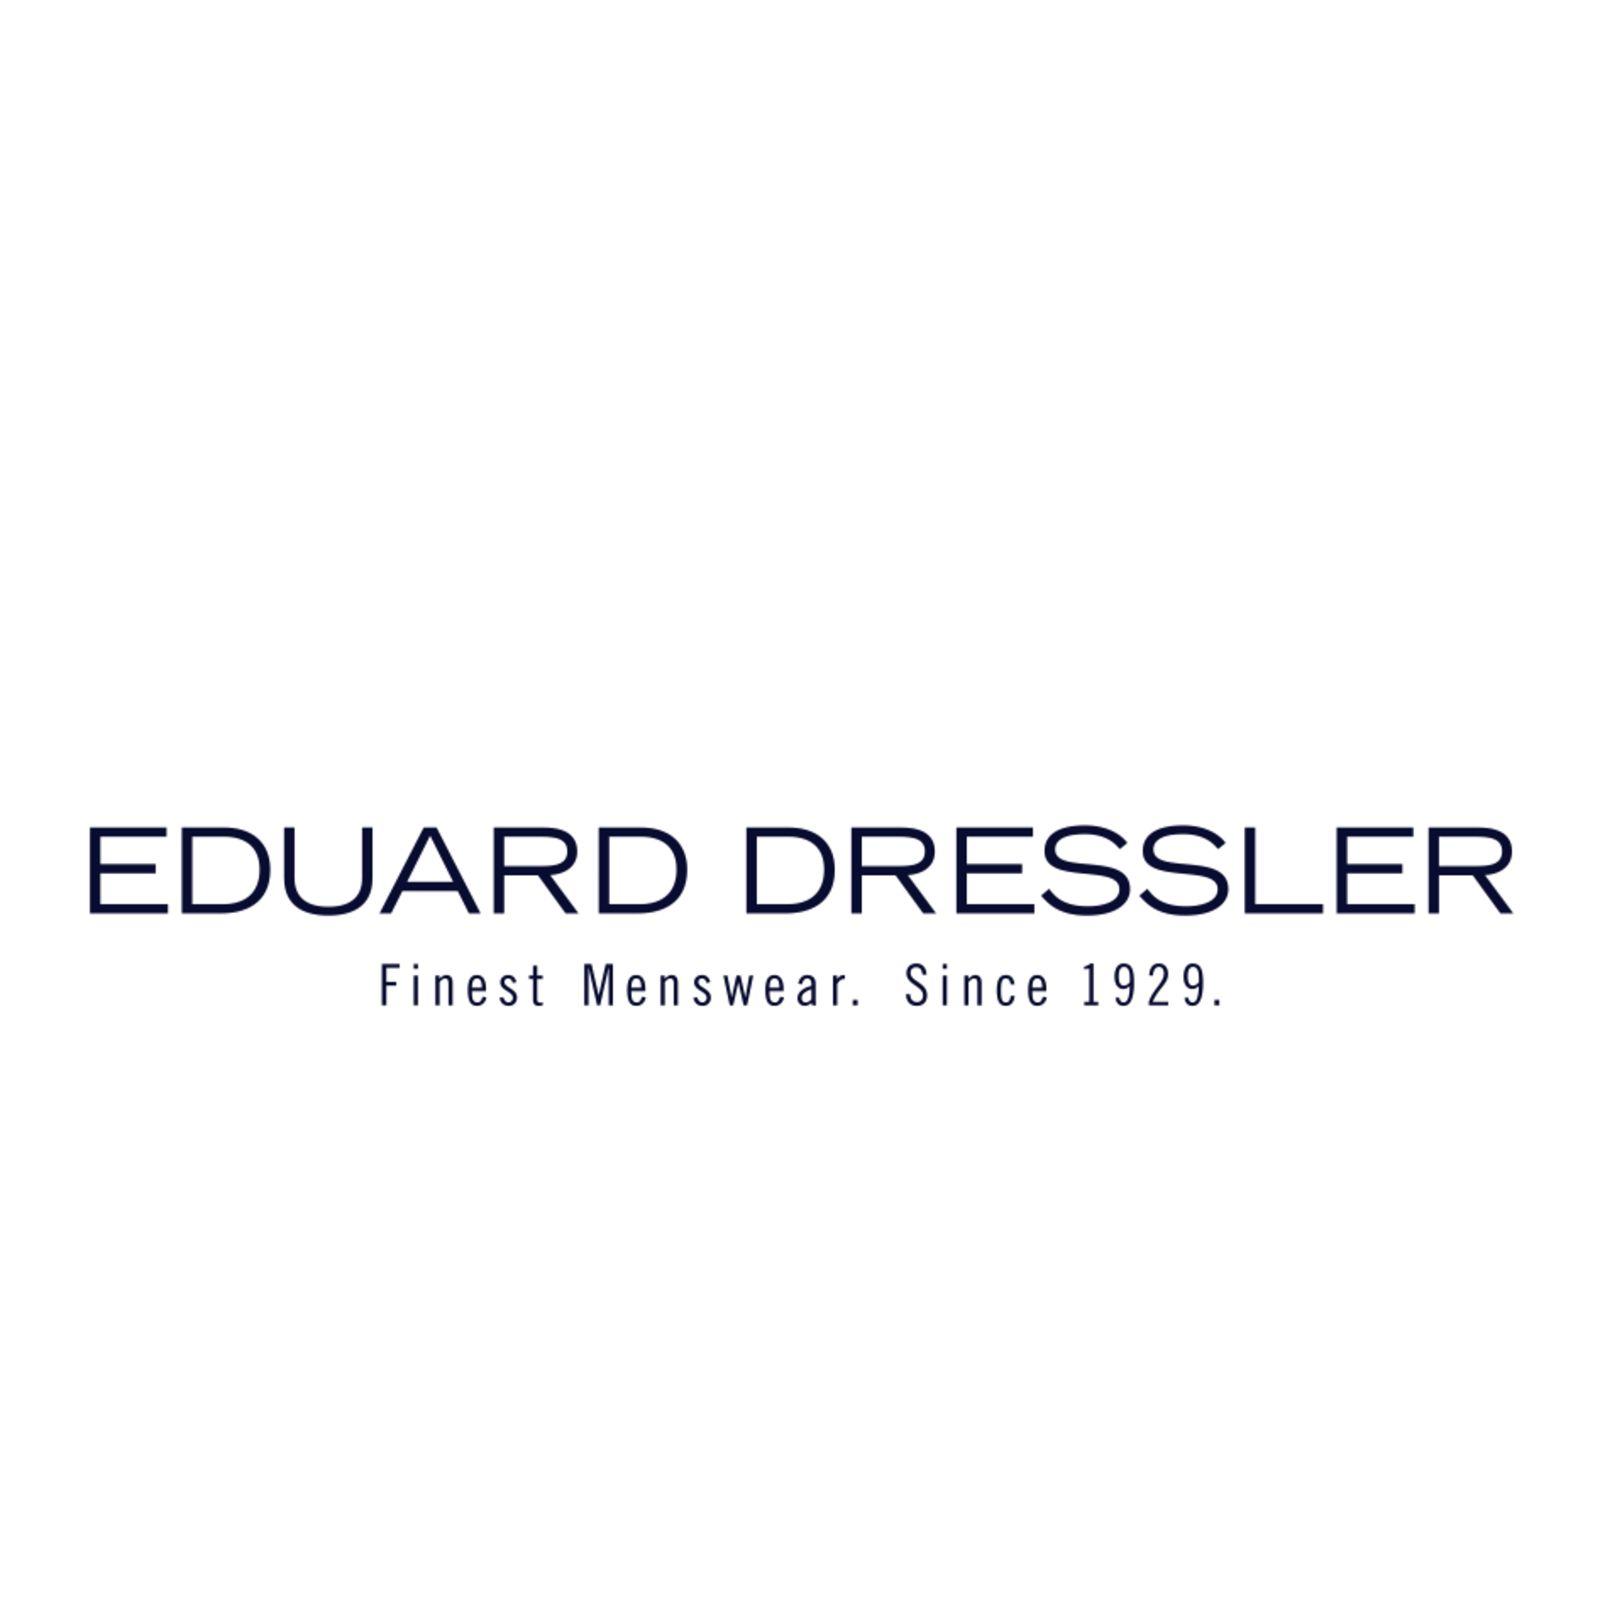 EDUARD DRESSLER